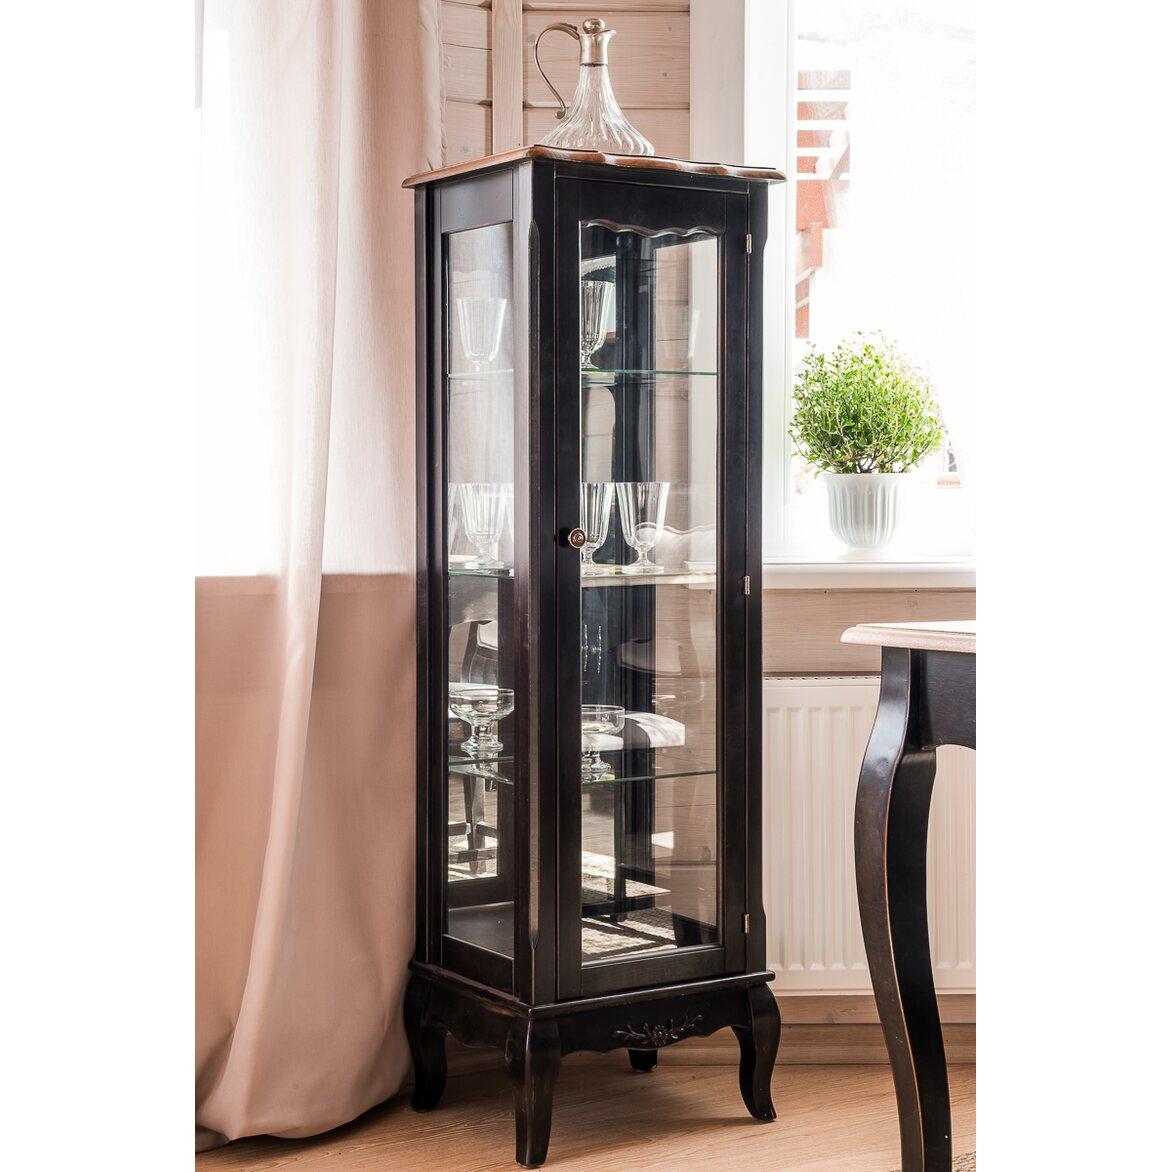 Стеклянная витрина на 3 полки (низкая) Leontina, черного цвета 4 | Витрины Kingsby